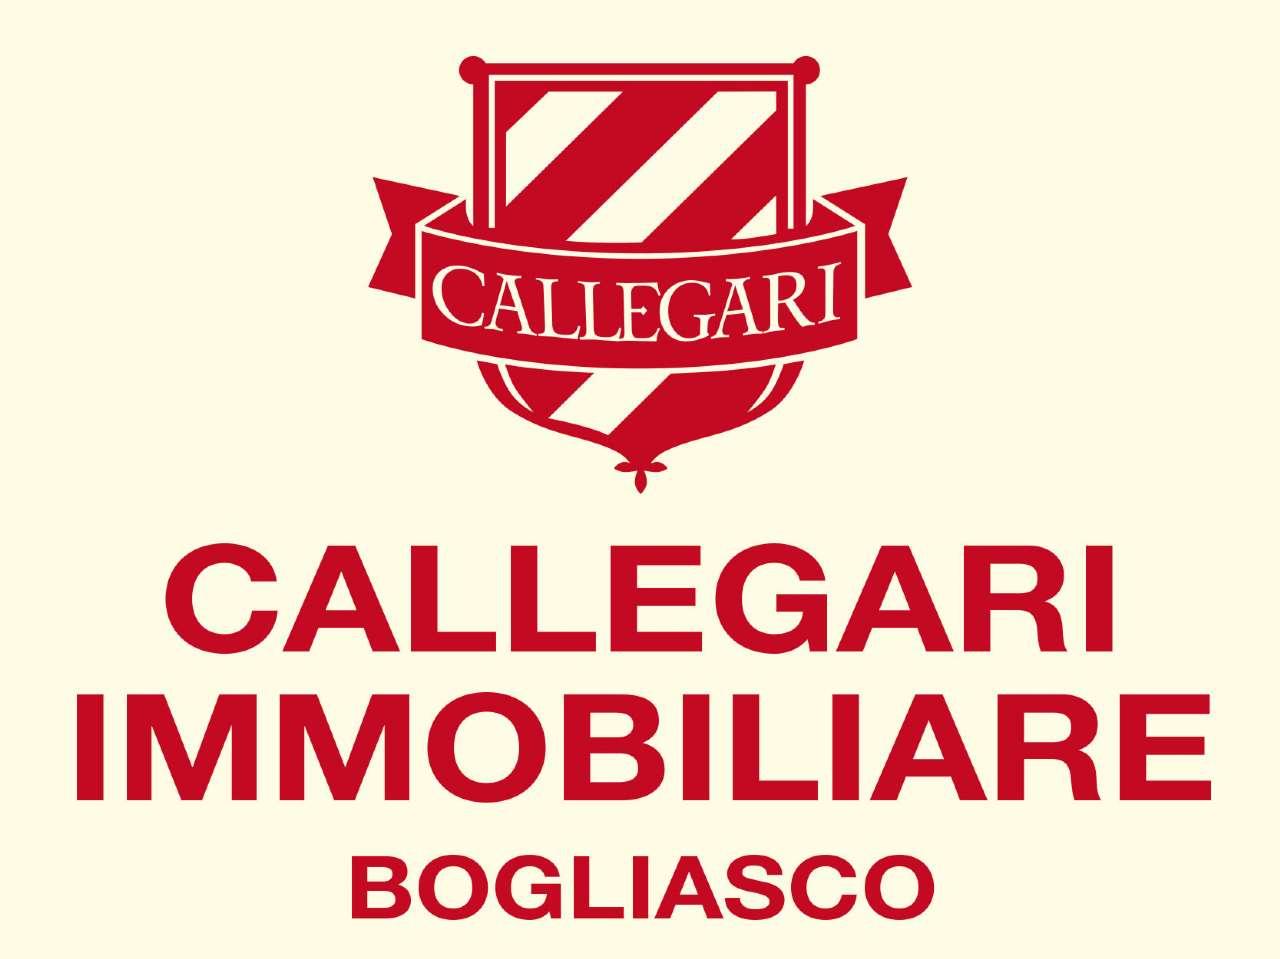 Appartamento in vendita a Bogliasco, 8 locali, Trattative riservate   CambioCasa.it